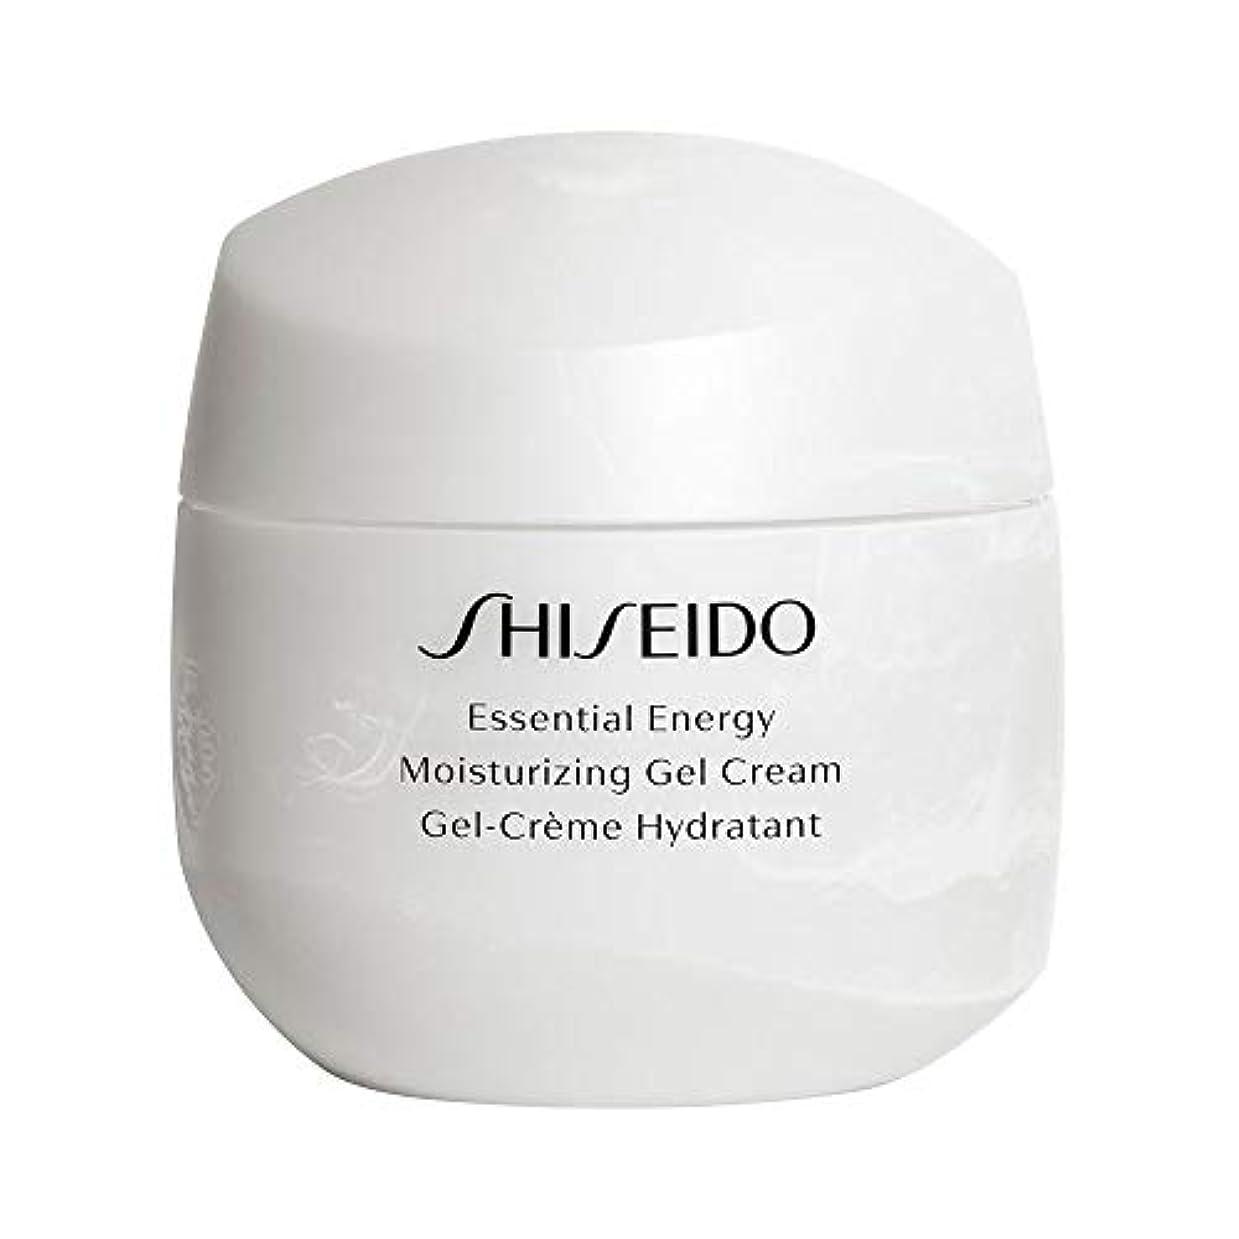 裁量ダイアクリティカルランチョン[Shiseido] 資生堂不可欠なエネルギー保湿ゲルクリーム50Ml - Shiseido Essential Energy Moisturizing Gel Cream 50ml [並行輸入品]